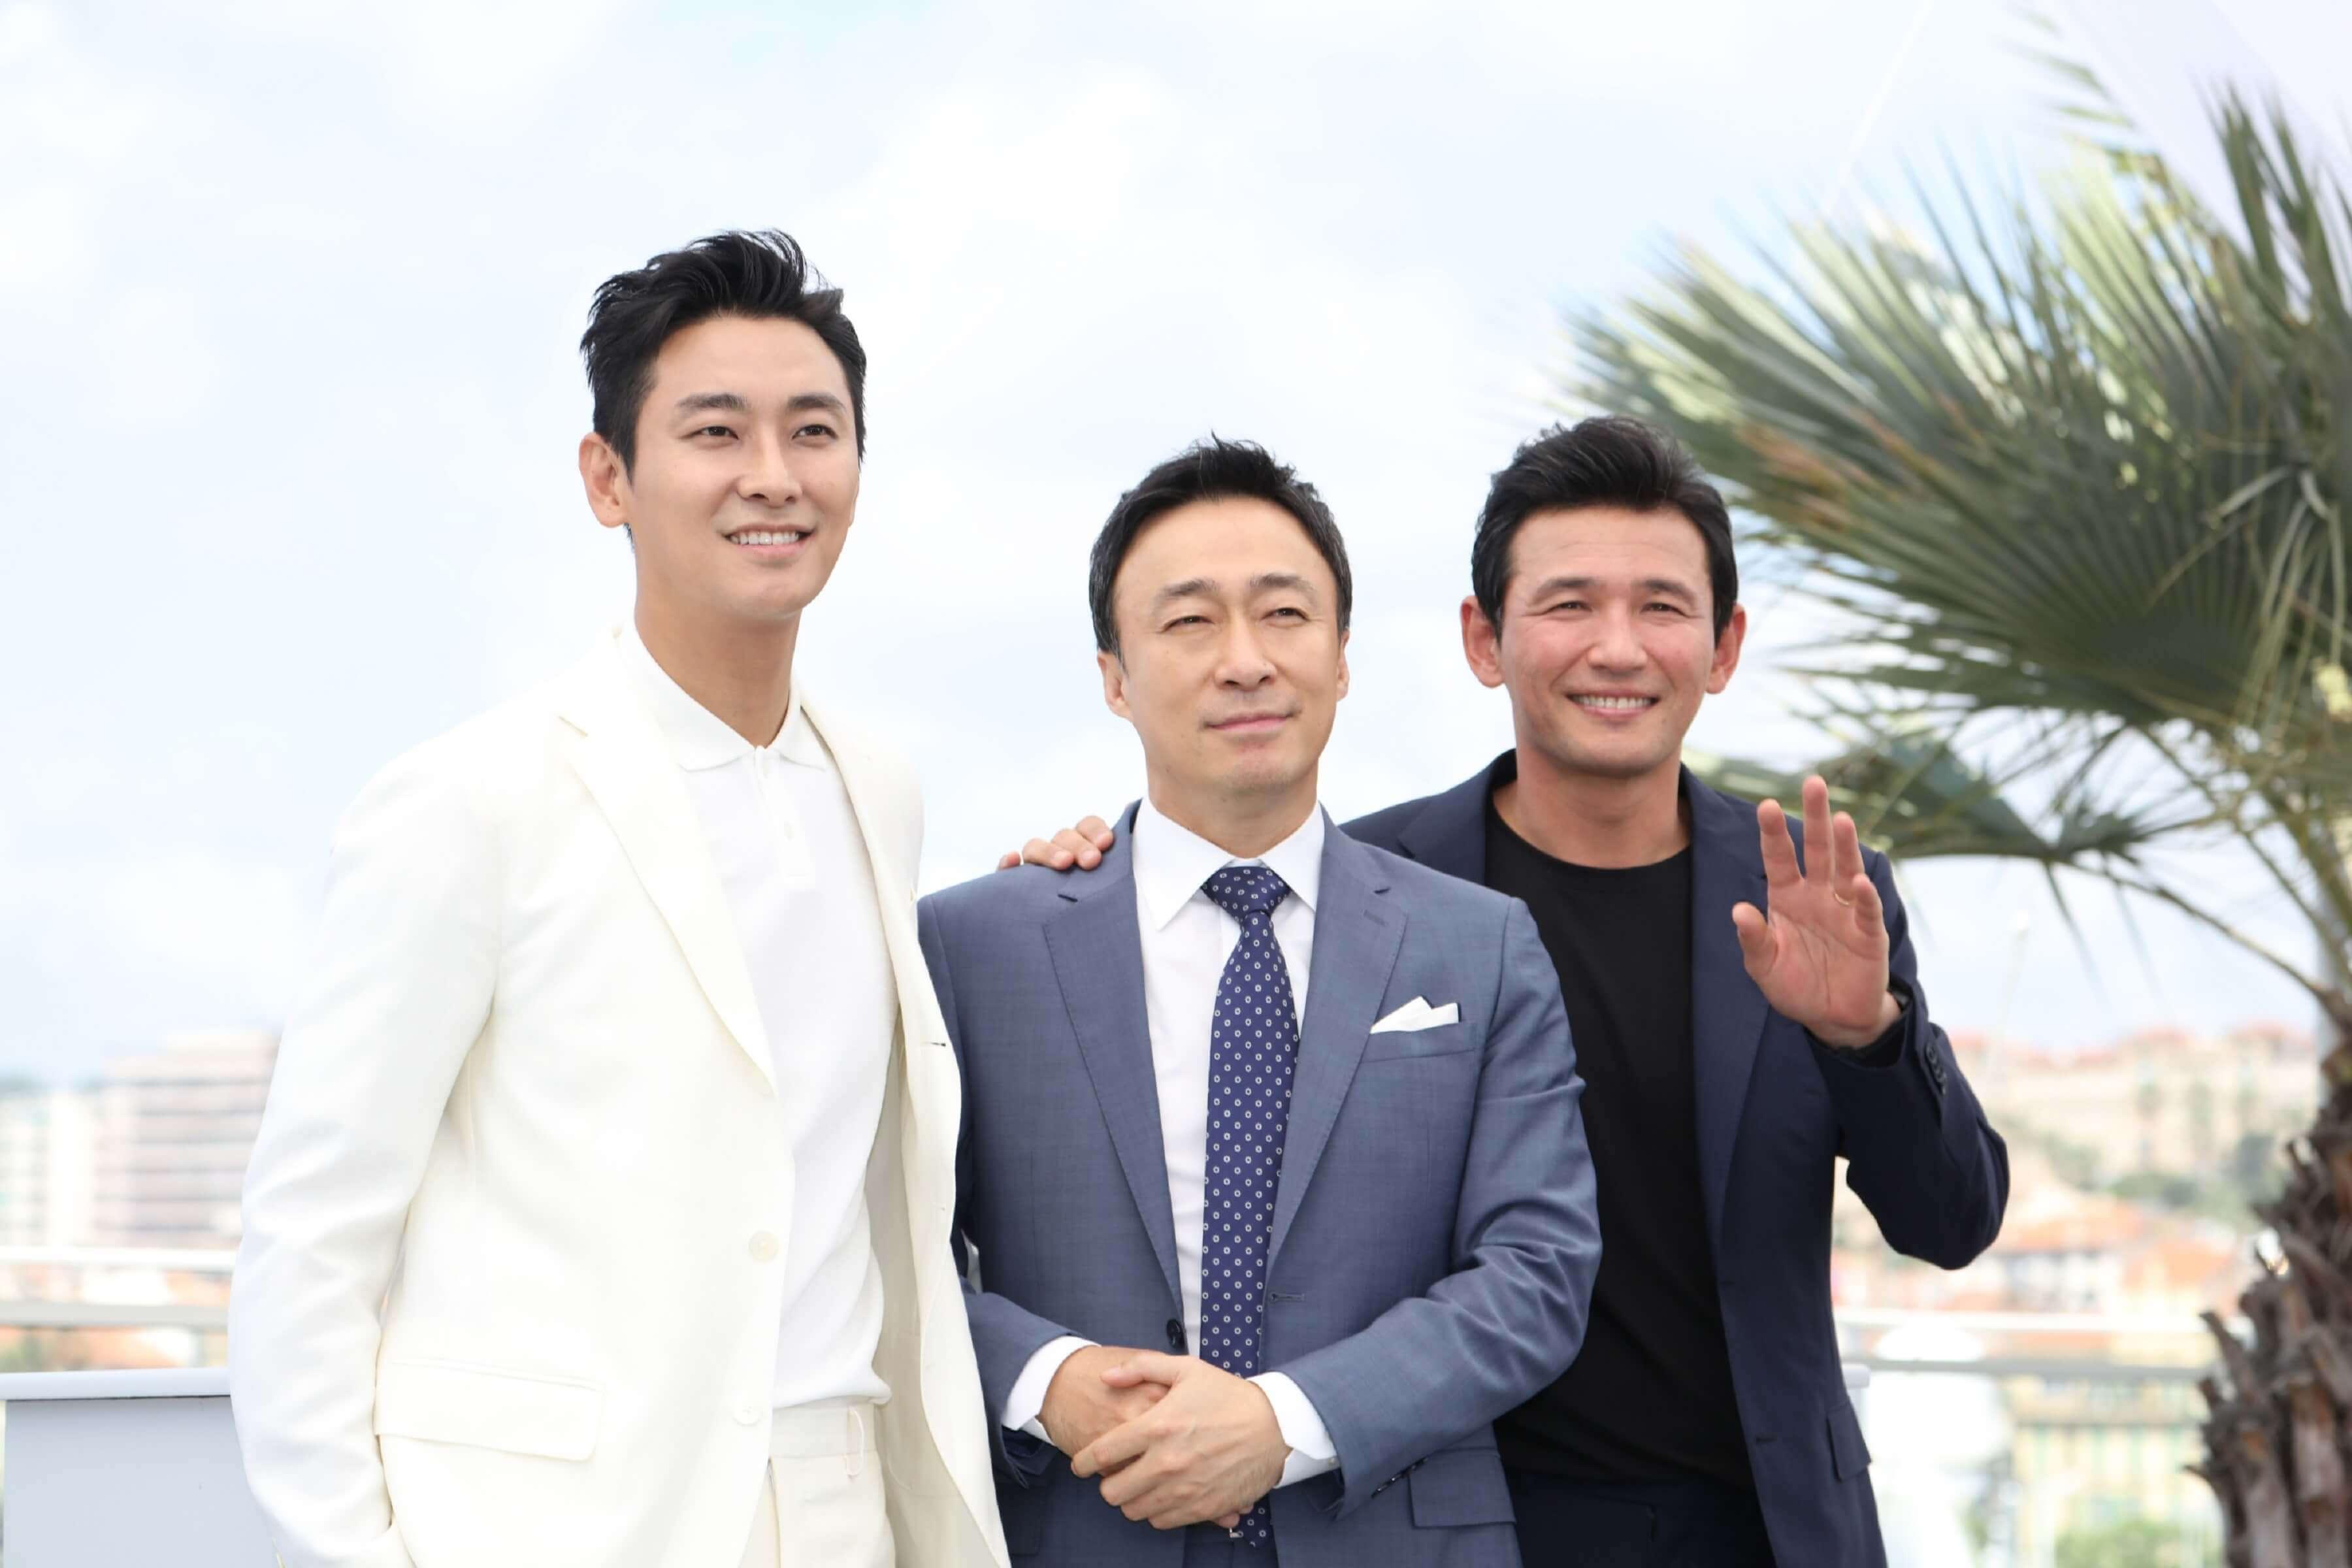 南北韓 諜戰片 《 北風 》日前於 坎城 首映,主演演員 : 朱智勳 李聖旻 黃晸玟 合影。